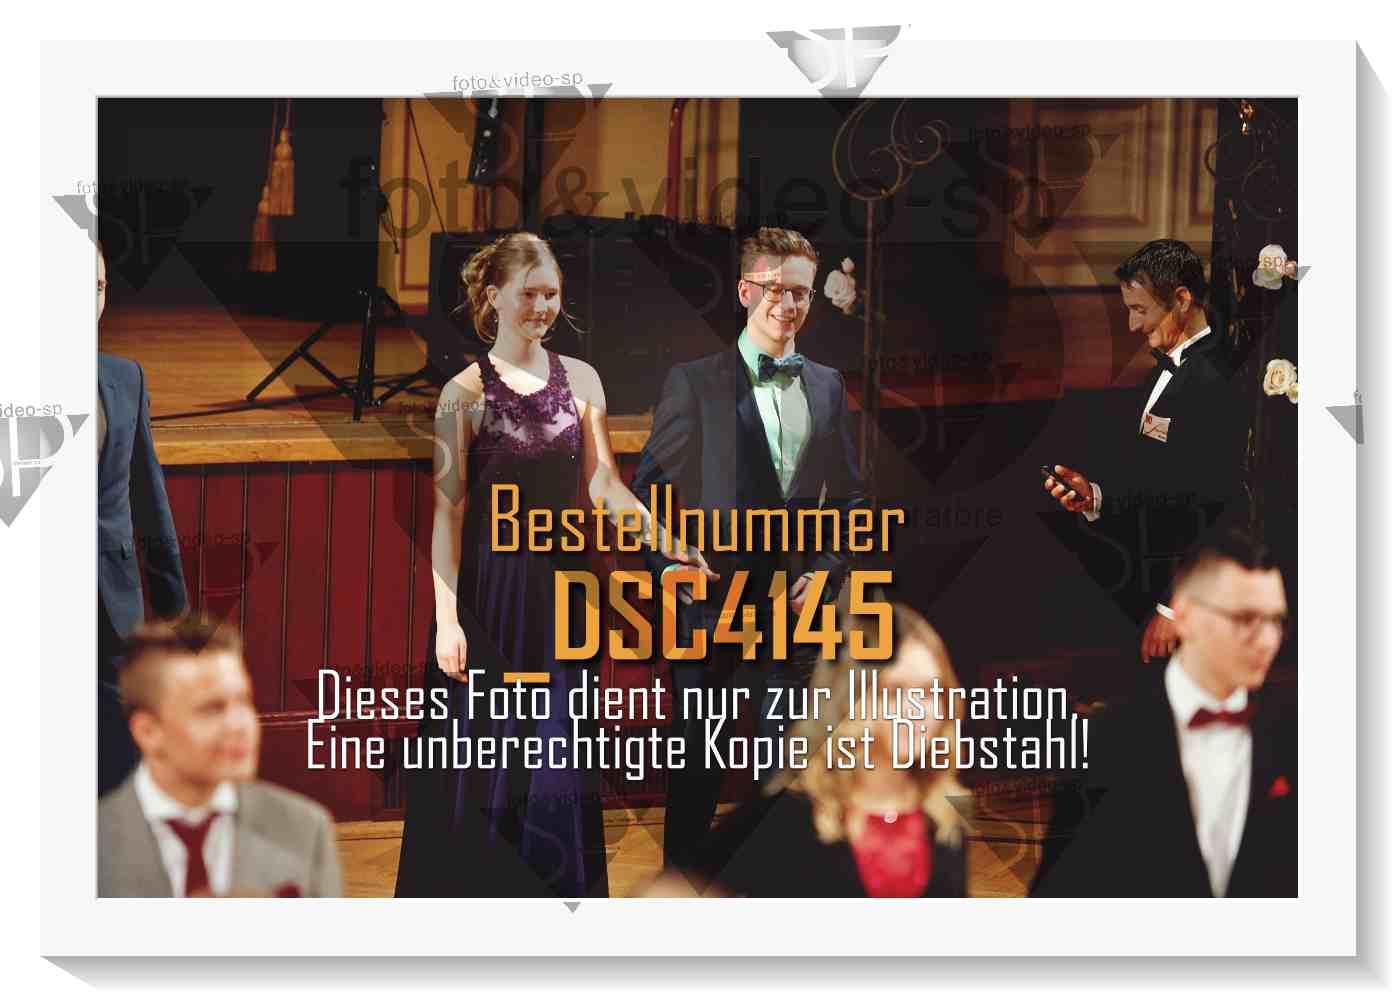 DSC4145